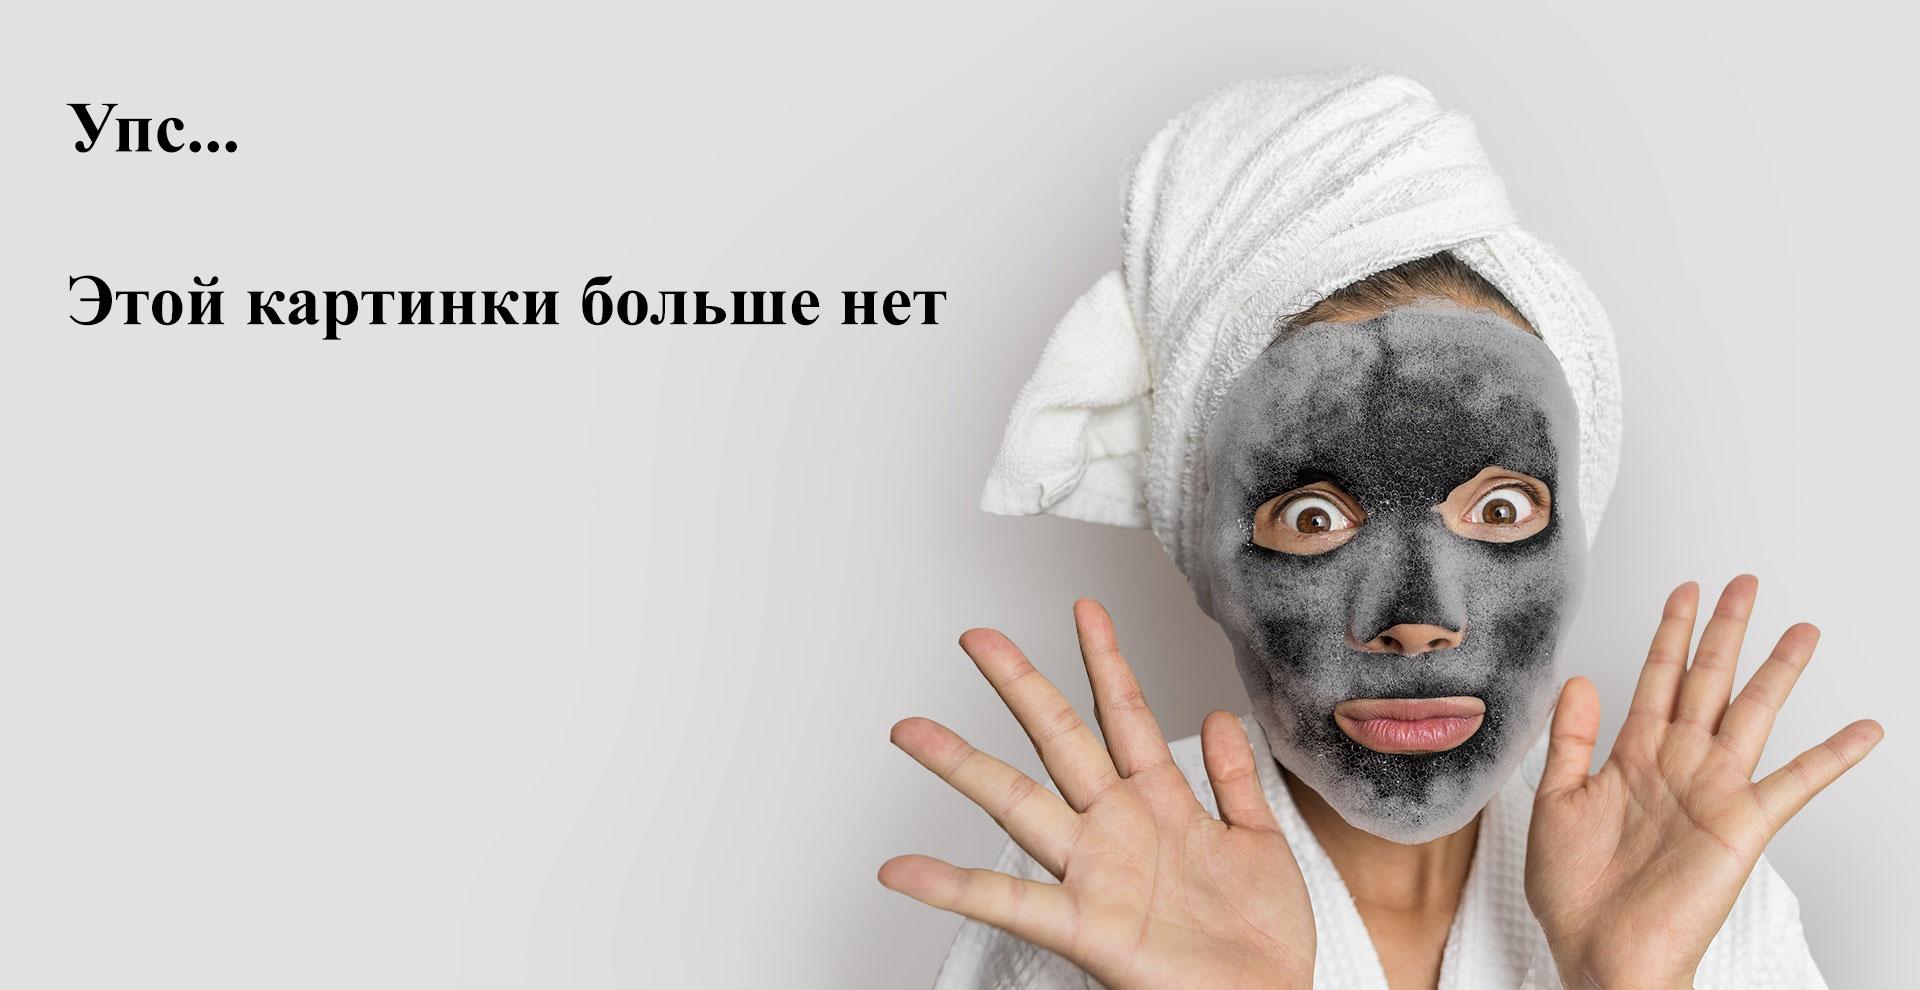 """Domix, """"Жидкое лезвие"""", Гель-кератолитик для подготовки к педикюру"""